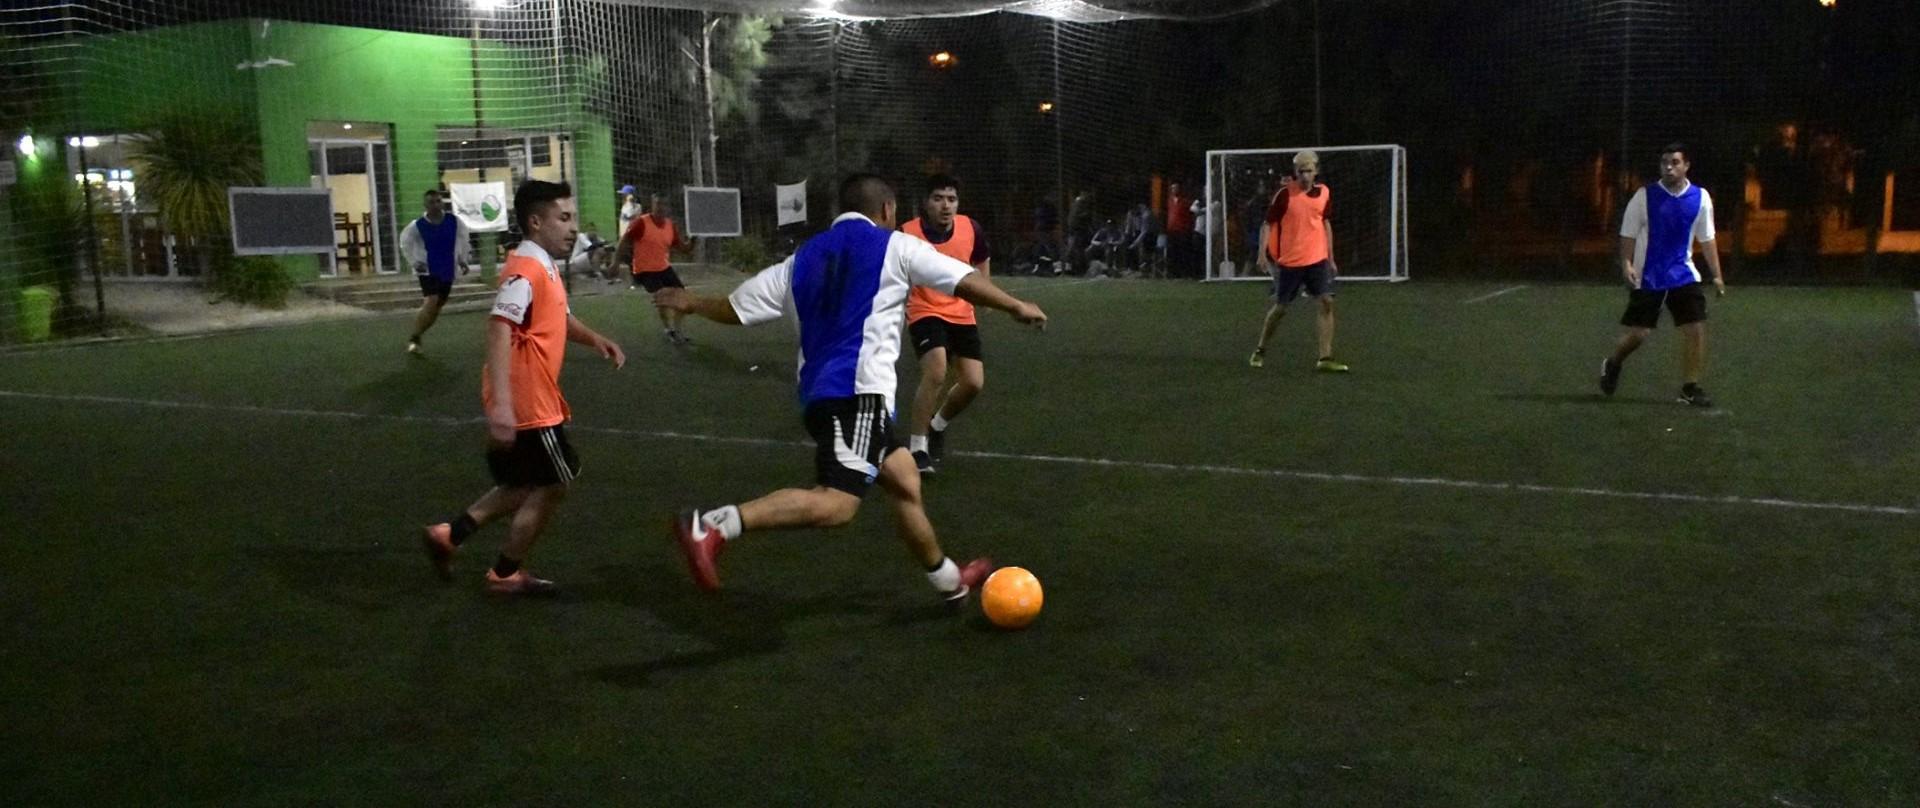 En el certamen platense se disputa una Liga en canchas de 5 entre semana con buen suceso, luego del horario de oficina. Además se juegan campeonatos de fútbol 7, 9 y 11 masculino y femenino.